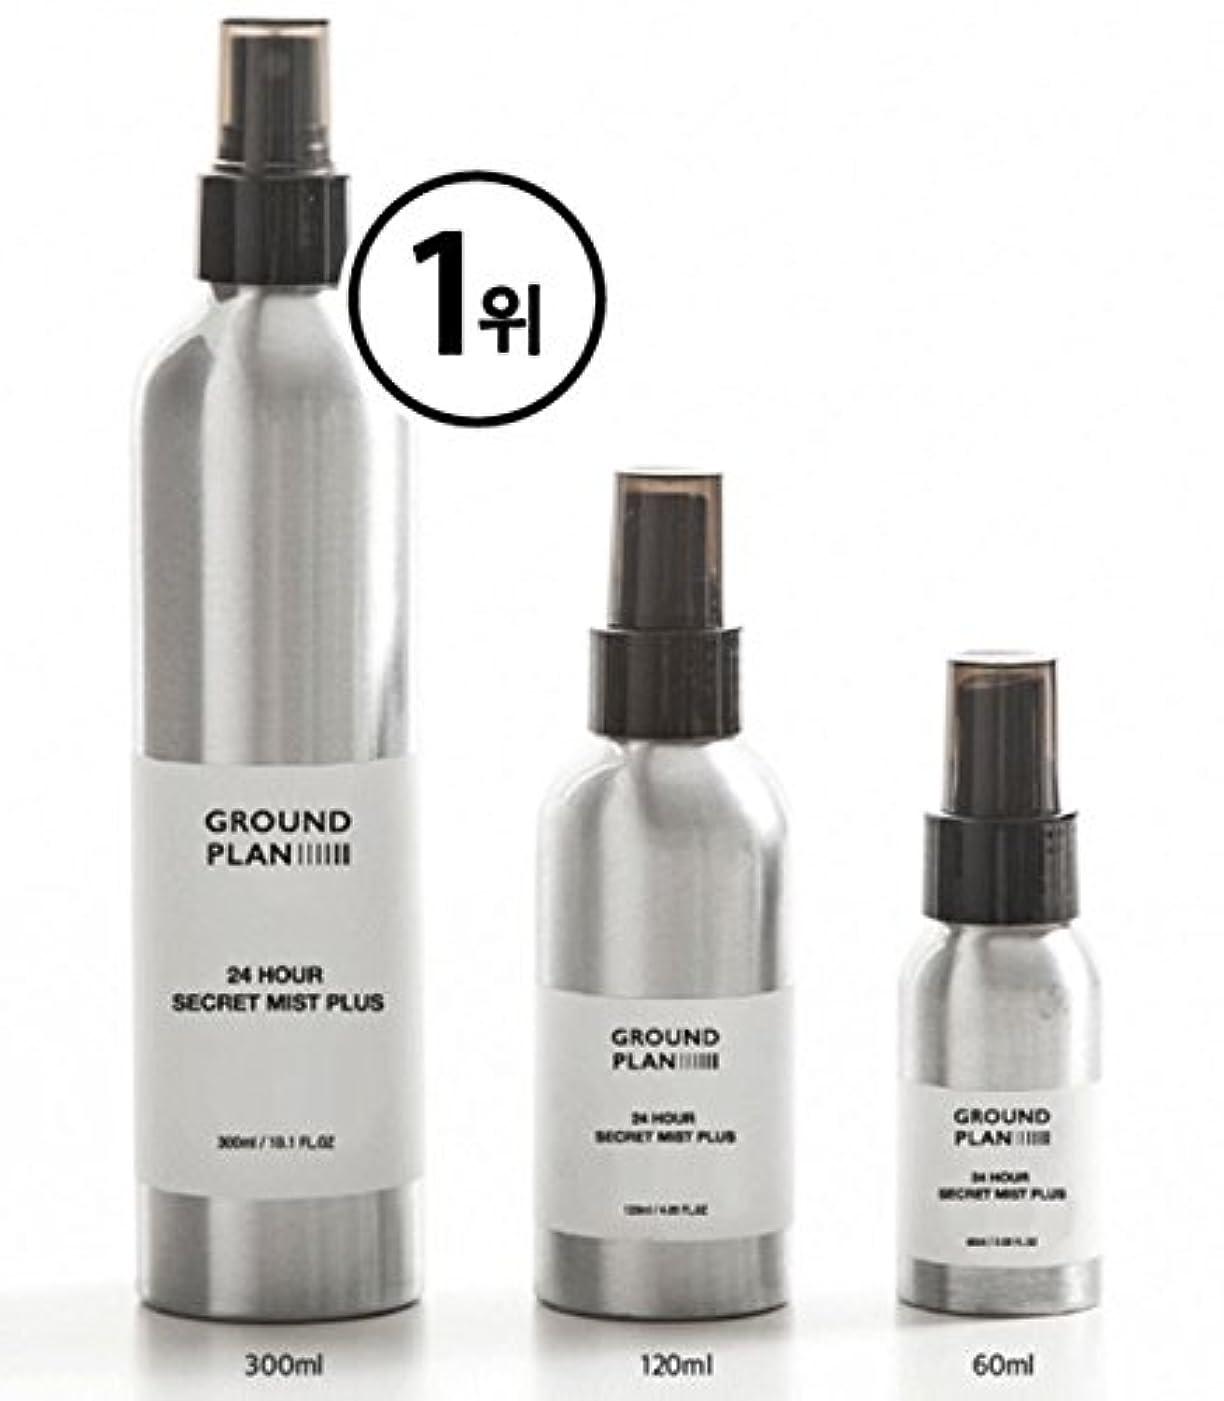 造船百科事典燃料[グラウンド?プラン] 24Hour 秘密 スキンミスト Plus (120ml) (300ml) Ground plan 24 Hour Secret Skin Mist Plus [海外直送品] (120ml)